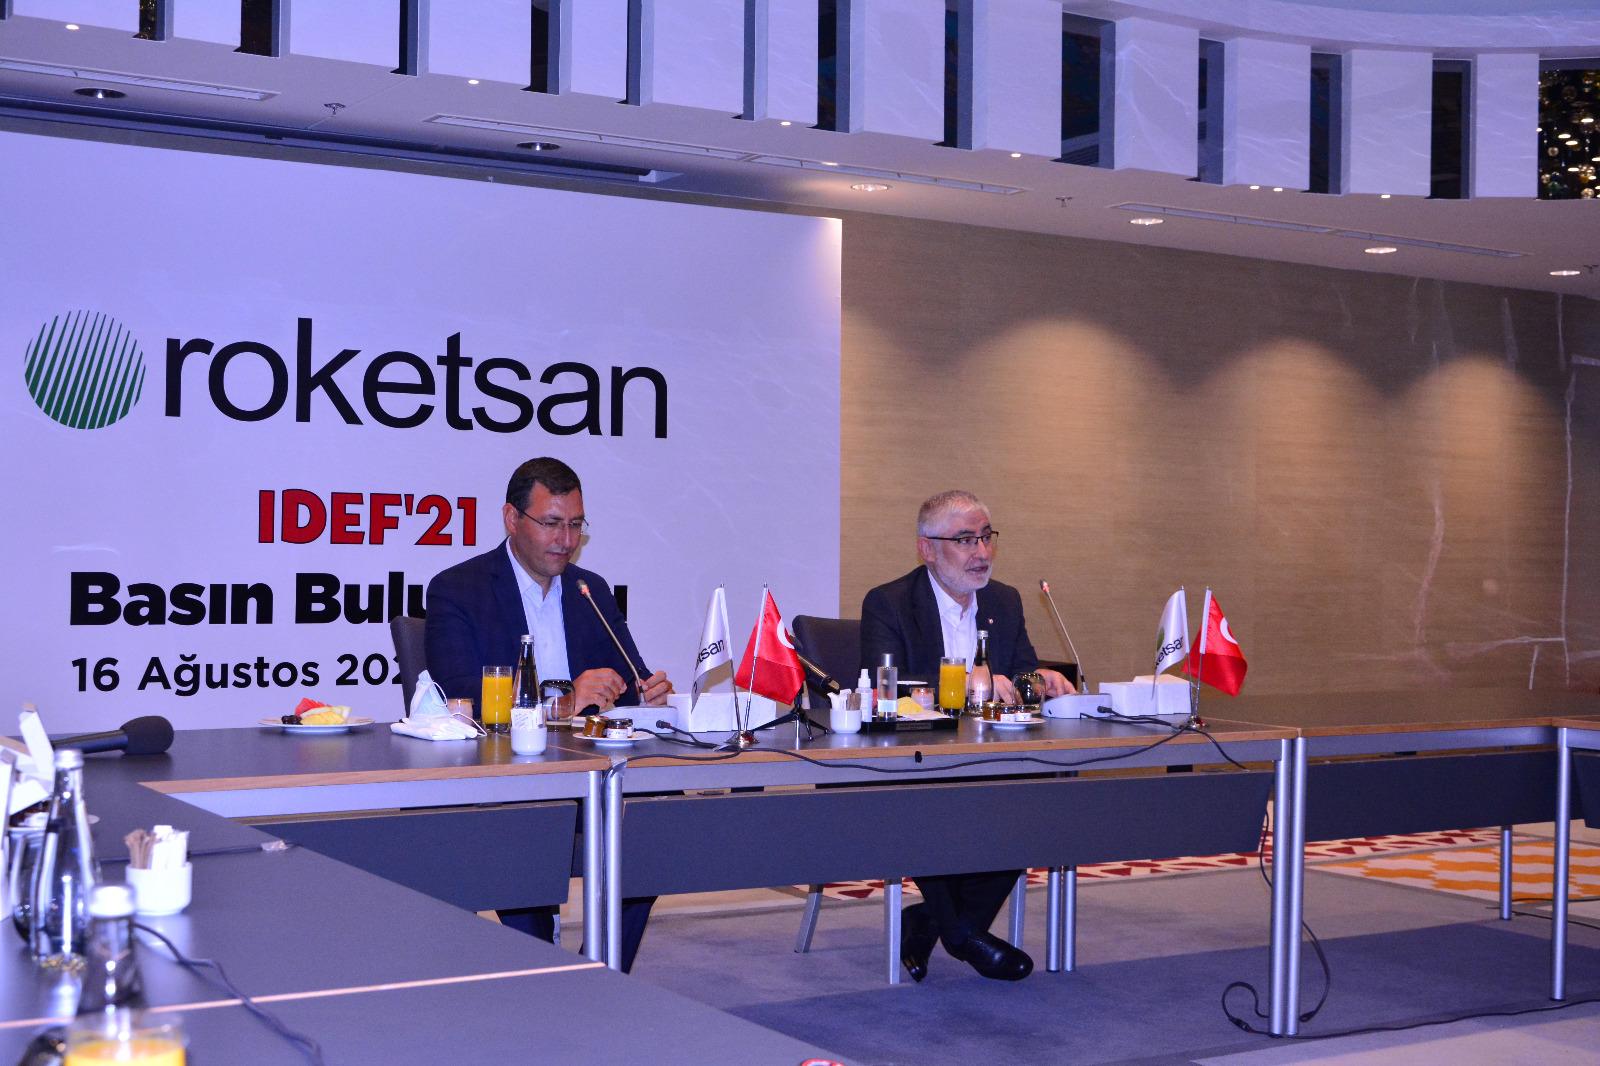 Türkiye'nin Roket ve Füze Mükemmeliyet Merkezi ROKETSAN, IDEF '21 Fuarına İlk Kez Sergilediği 9 Ürün ile Damga Vurdu!